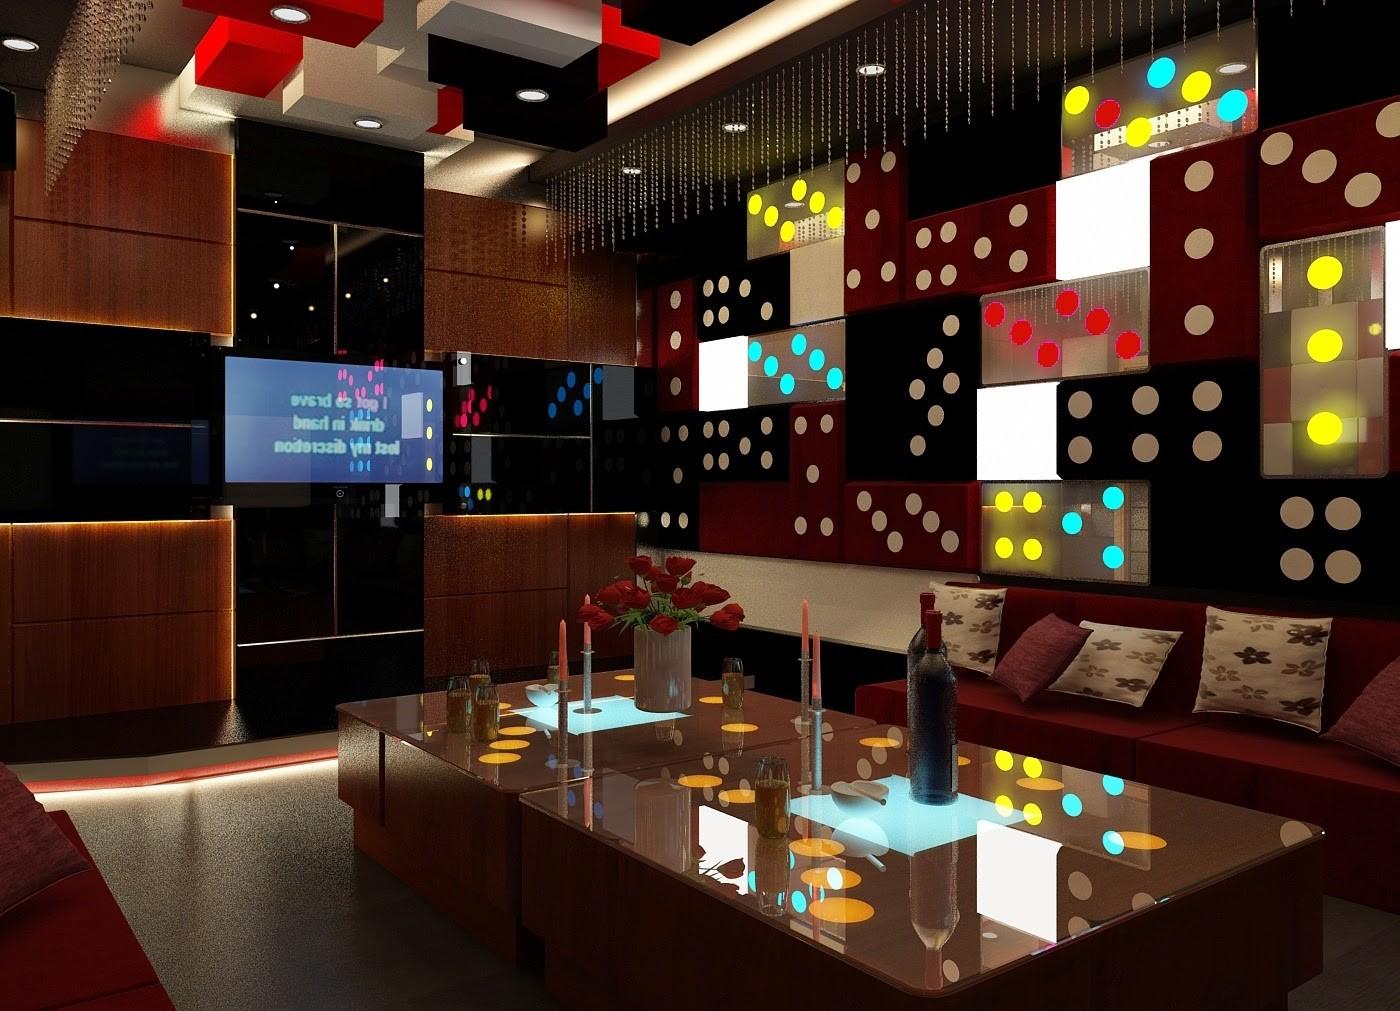 1 Thiết kế nội thất nhà hàng giá rẻ tại hà nội, Thiết kế nội thất Quán Cafe Karaoke